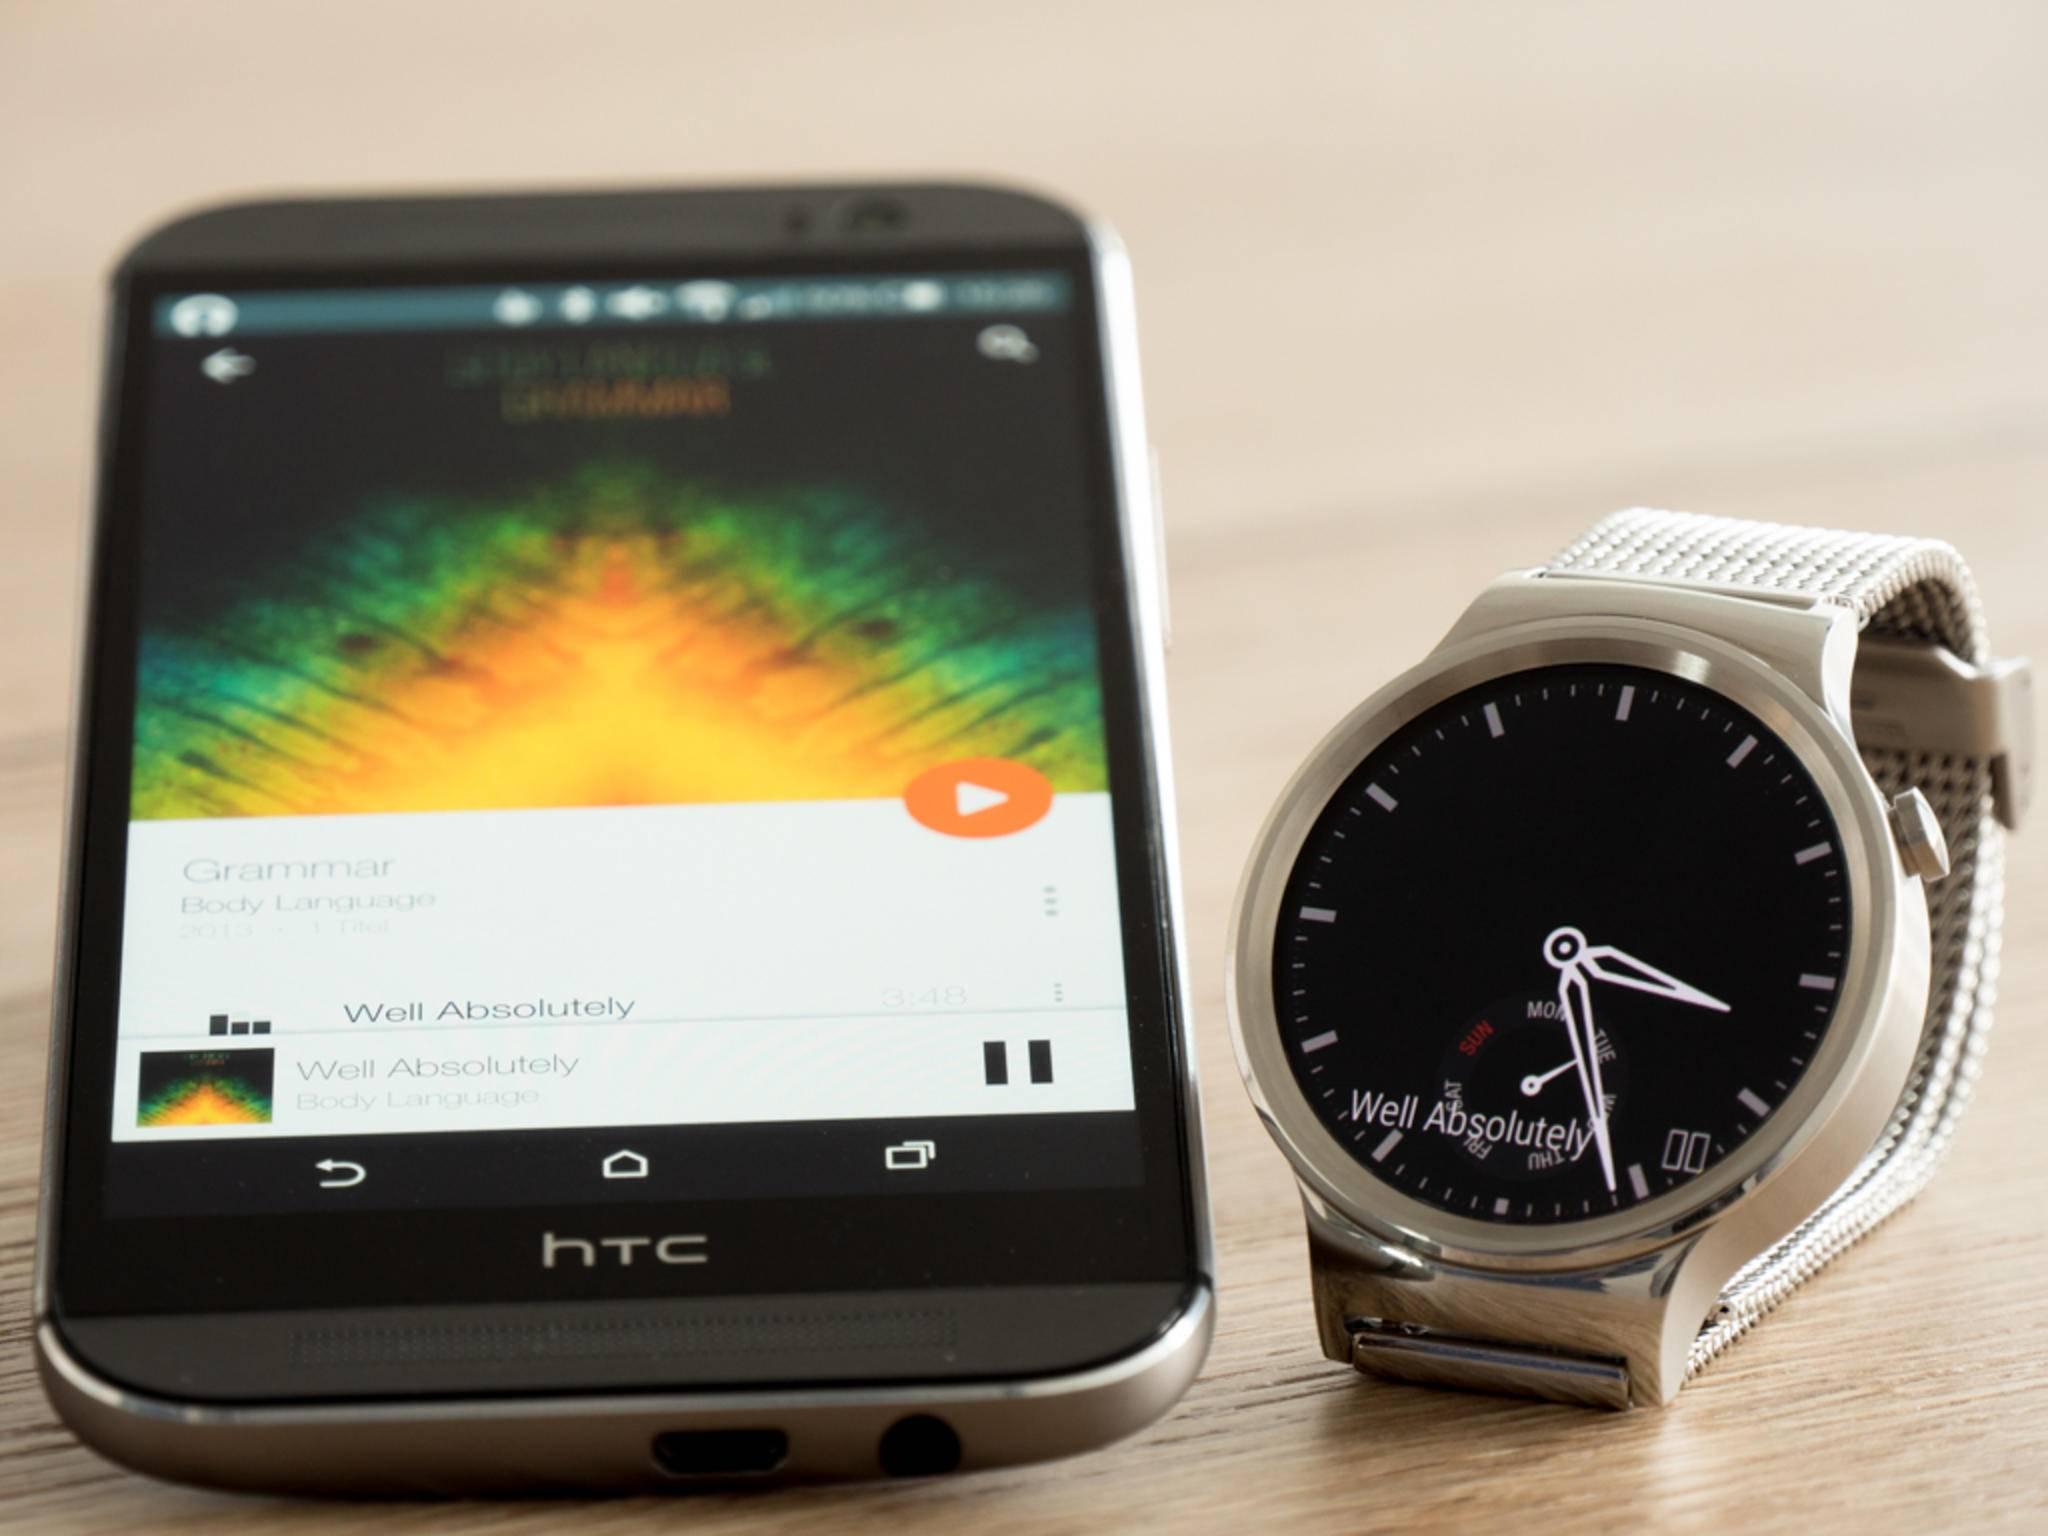 Die Huwei Watch kann genutzt werden, um Musik auf dem Smartphone zu hören.